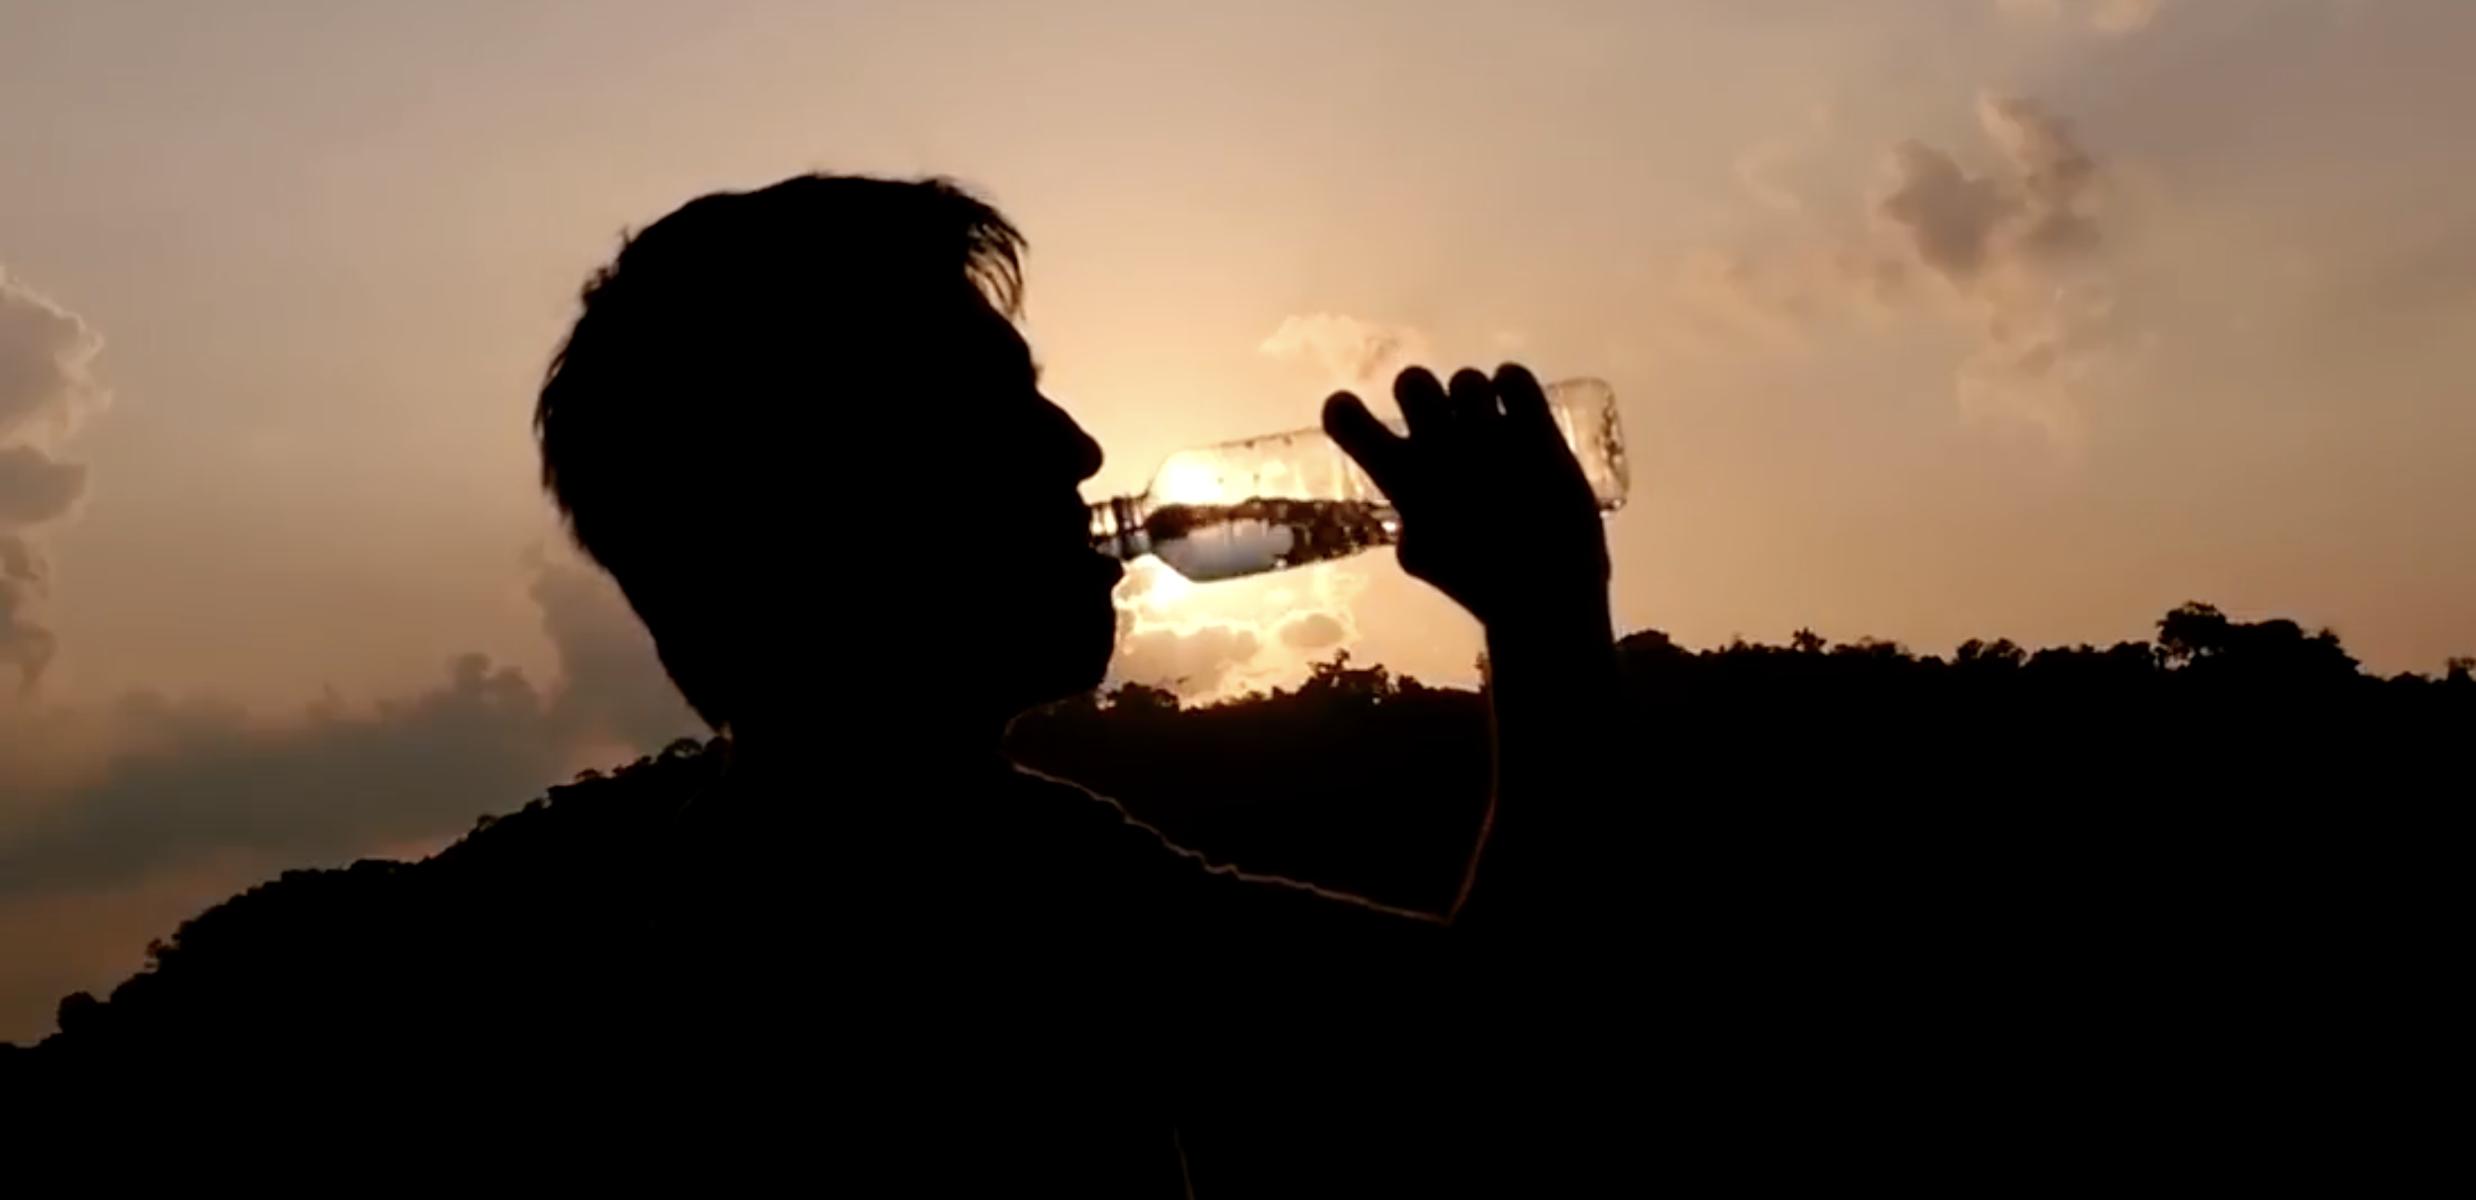 Tu cuerpo pasa por un intenso proceso de desintoxicación y purificación cuando ayunas en el mes de Ramadán